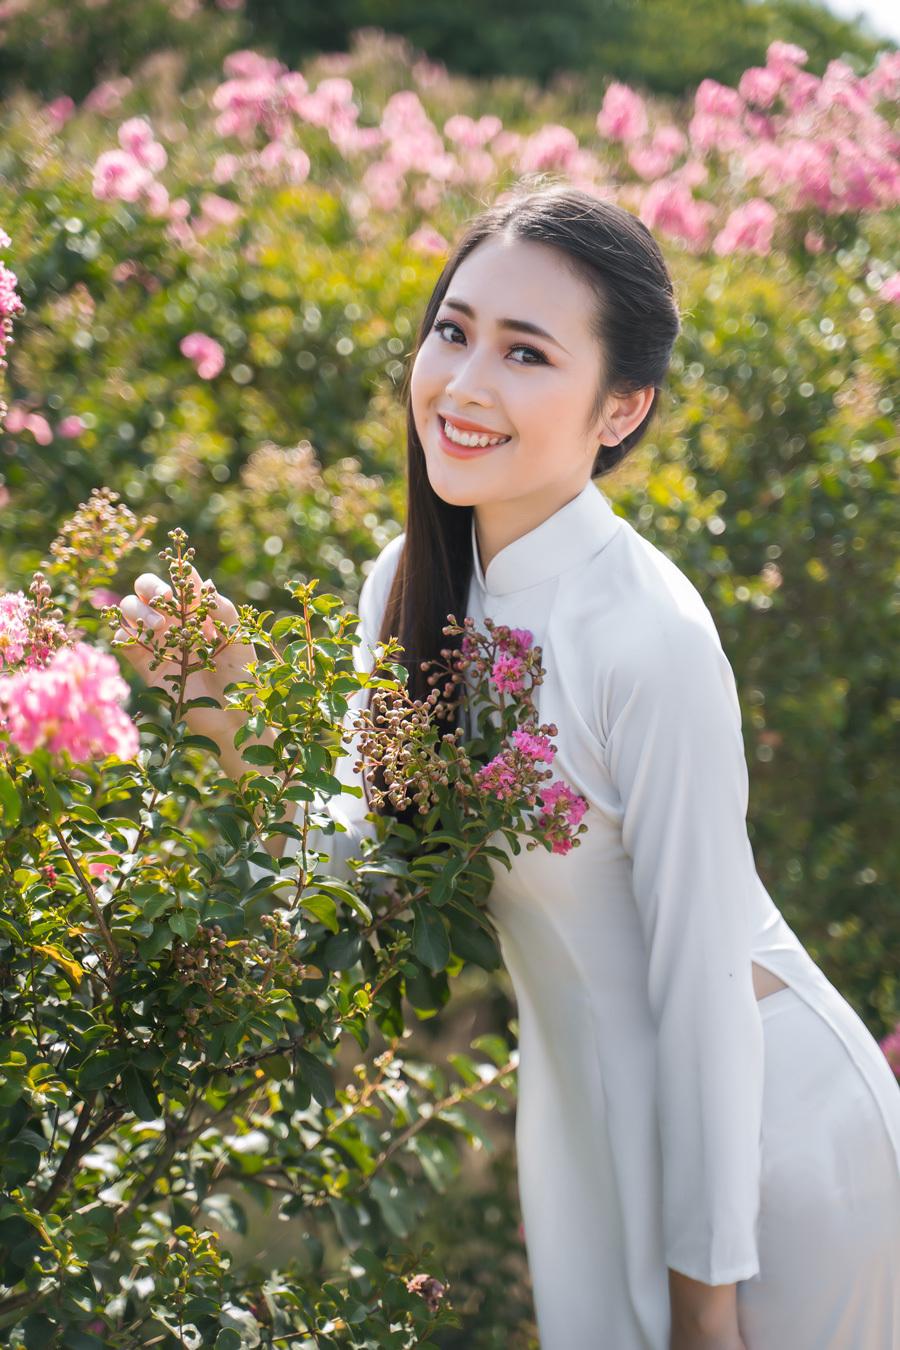 Á khôi sinh viên Việt Nam rạng rỡ tuổi 20